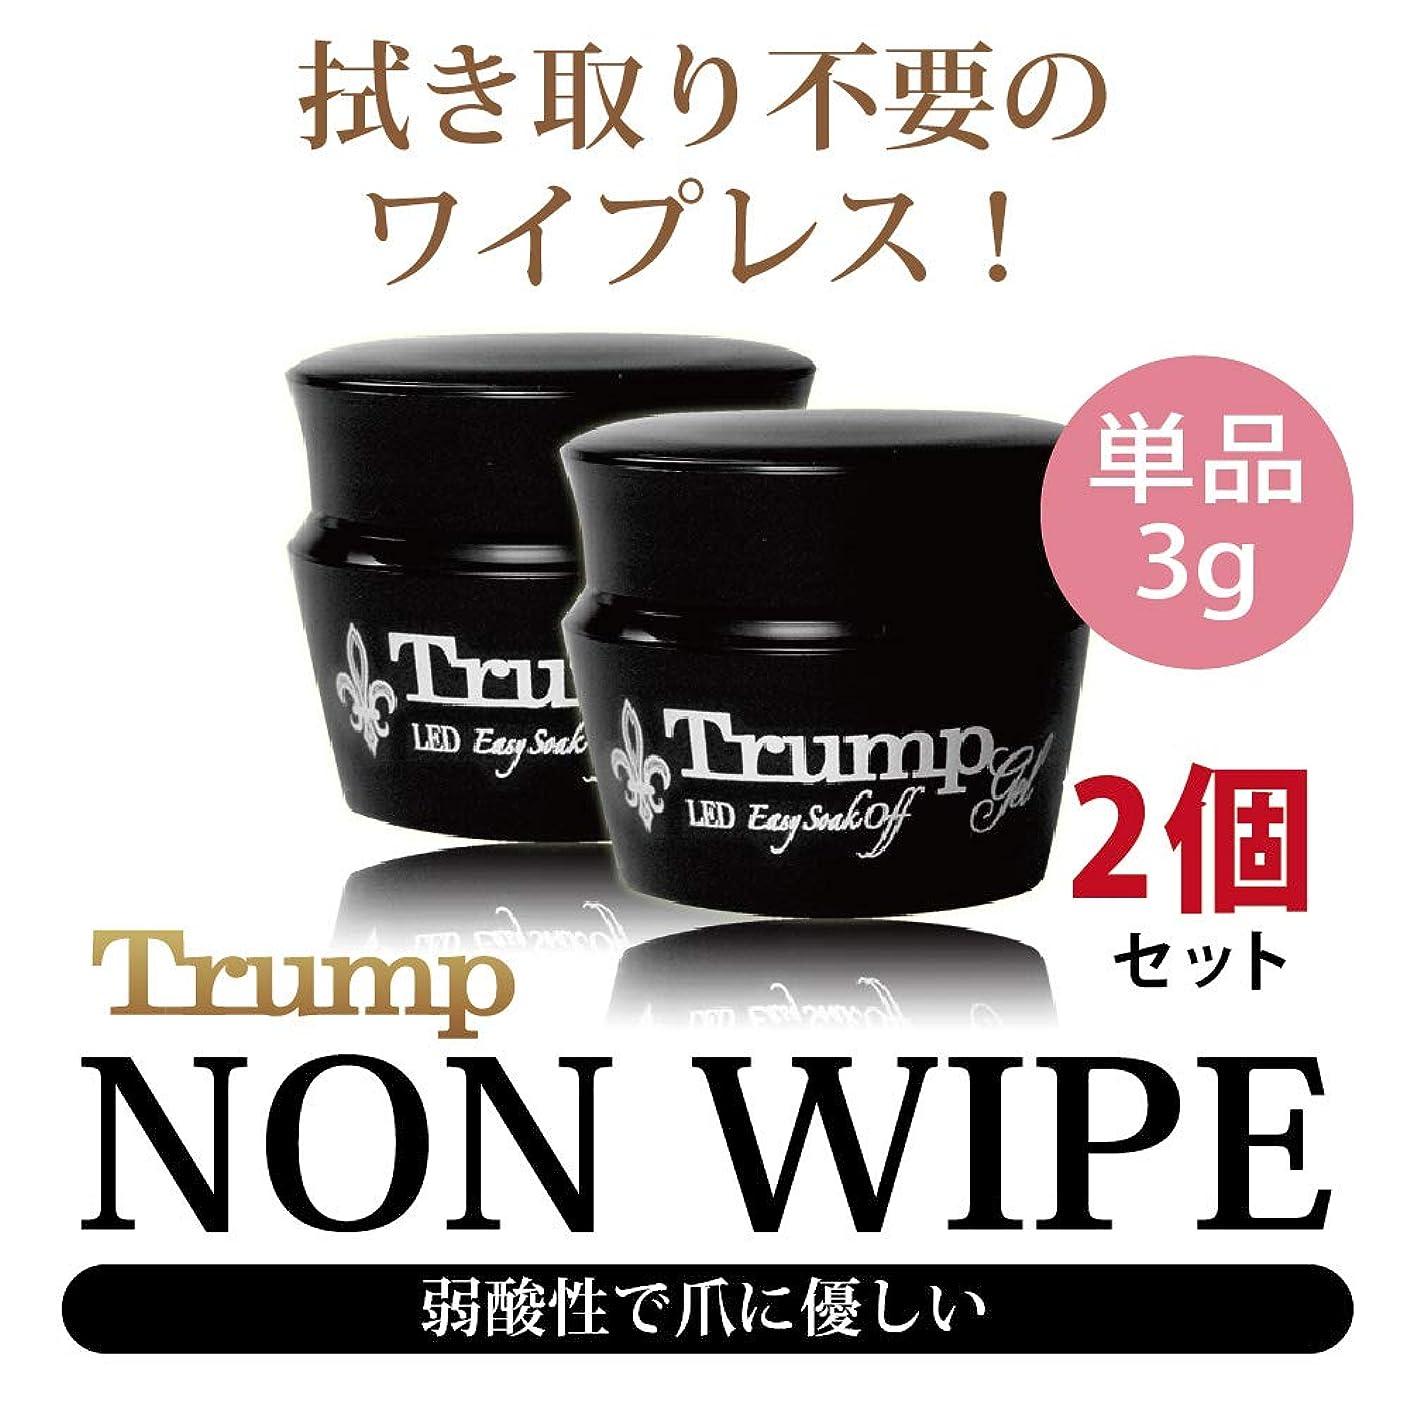 満了フレームワーク謎Trump gel ノンワイプトップジェル 3g 2個セット